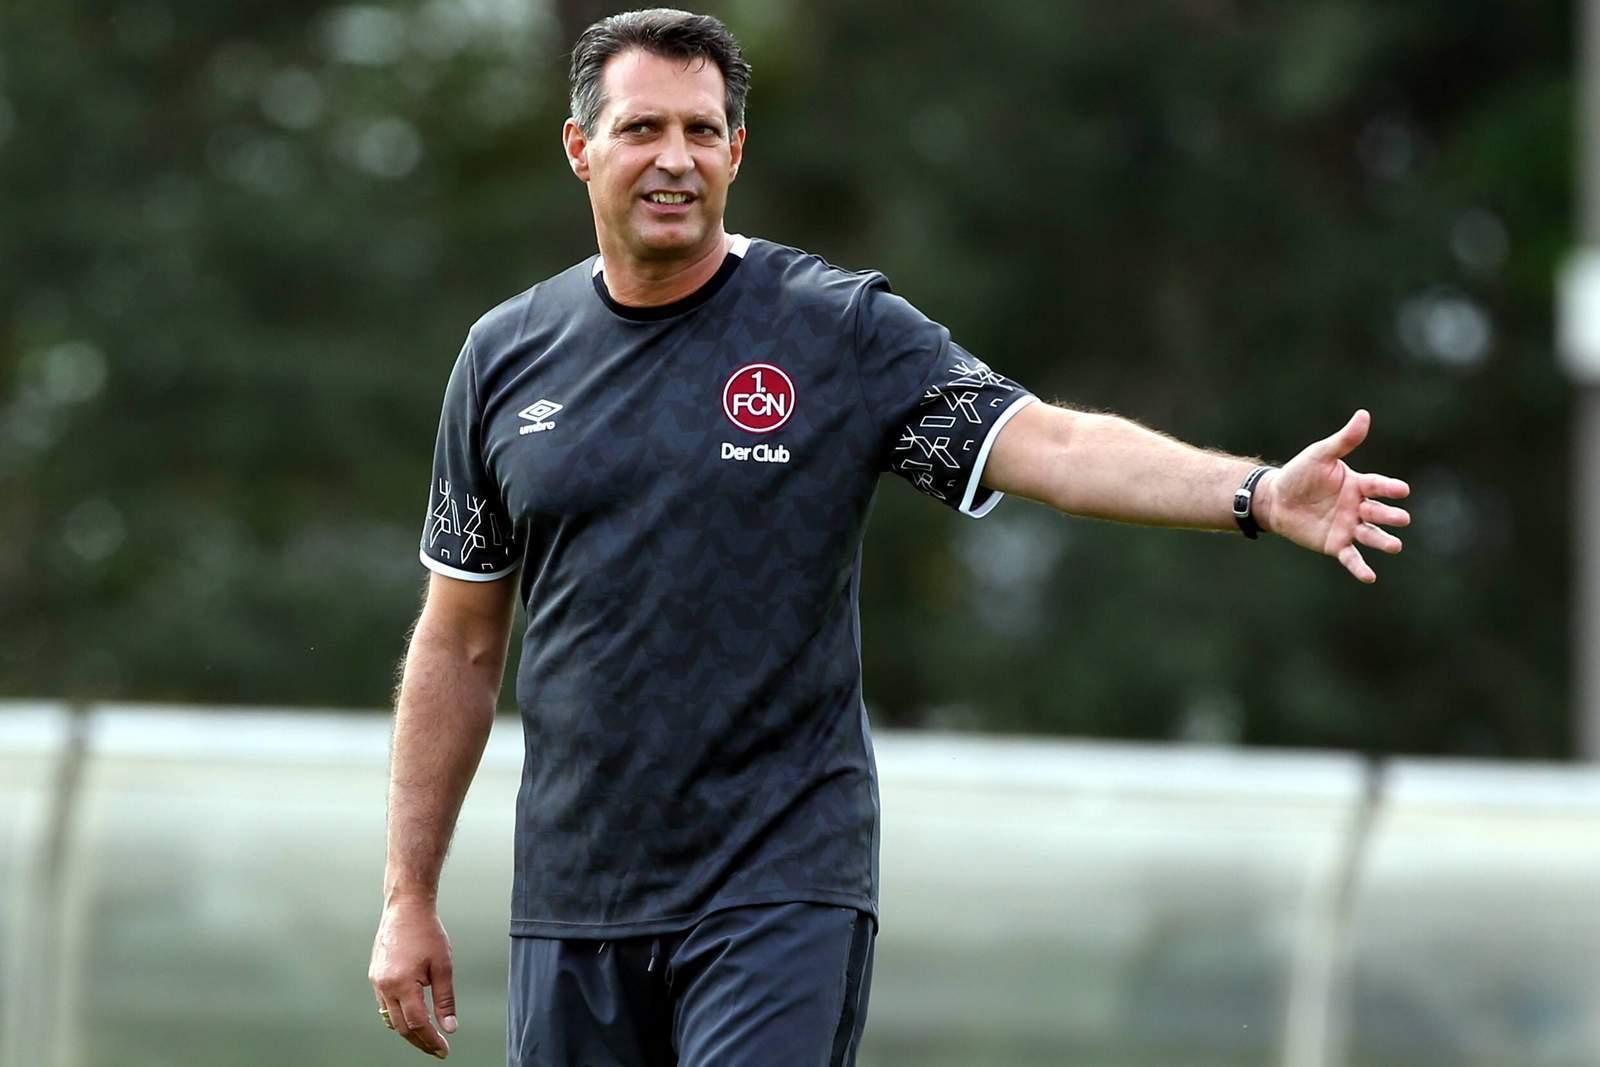 Alois Schwartz damals noch als FCN-Coach. Jetzt wird er Trainer des Karlsruher SC.